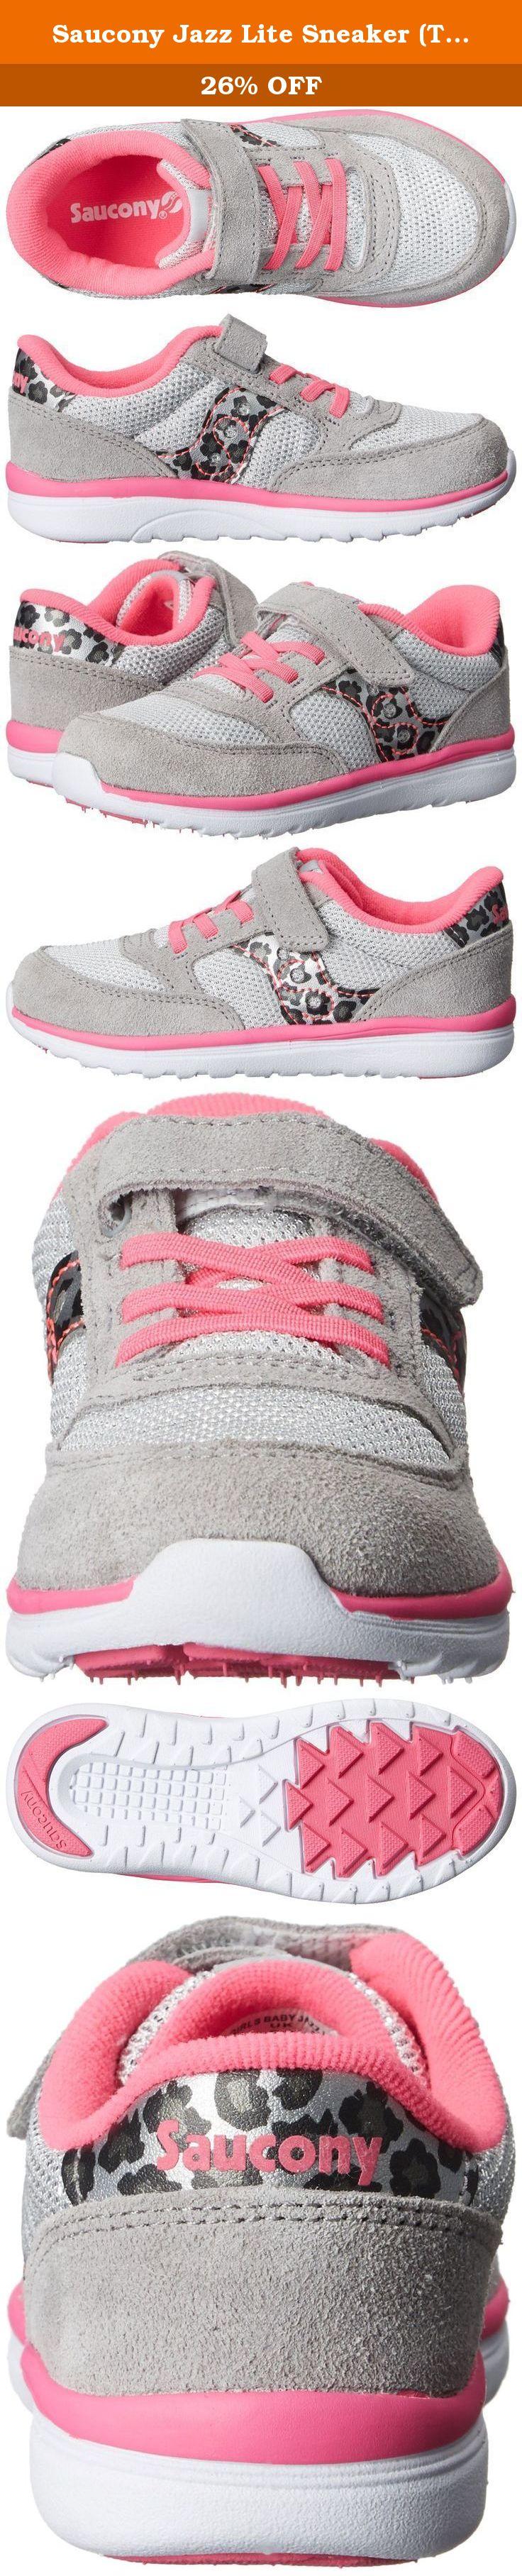 Saucony Jazz Lite Sneaker (Toddler